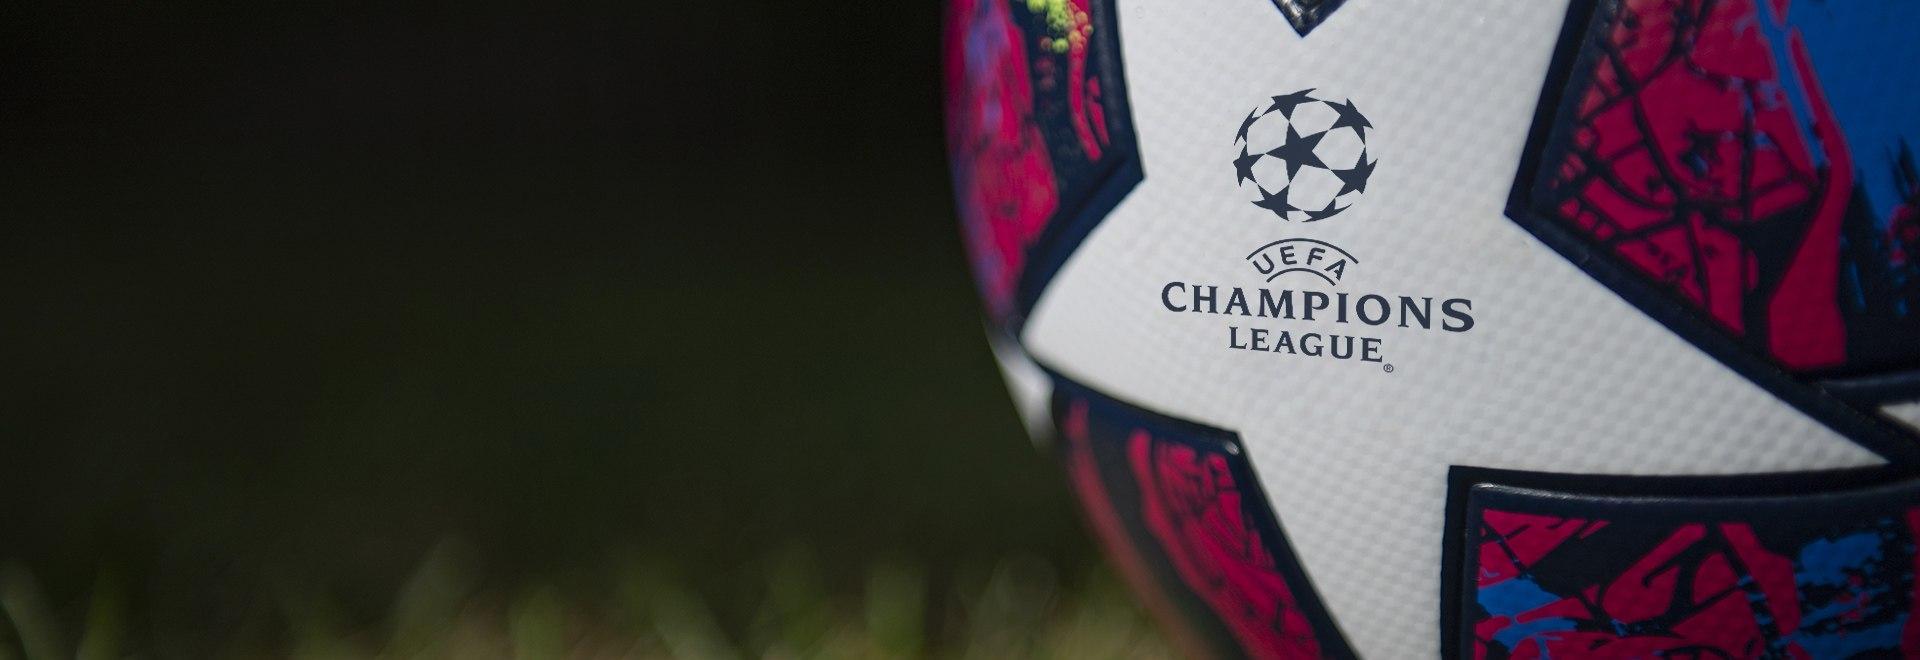 Uefa Champions League 2020: mai vista così